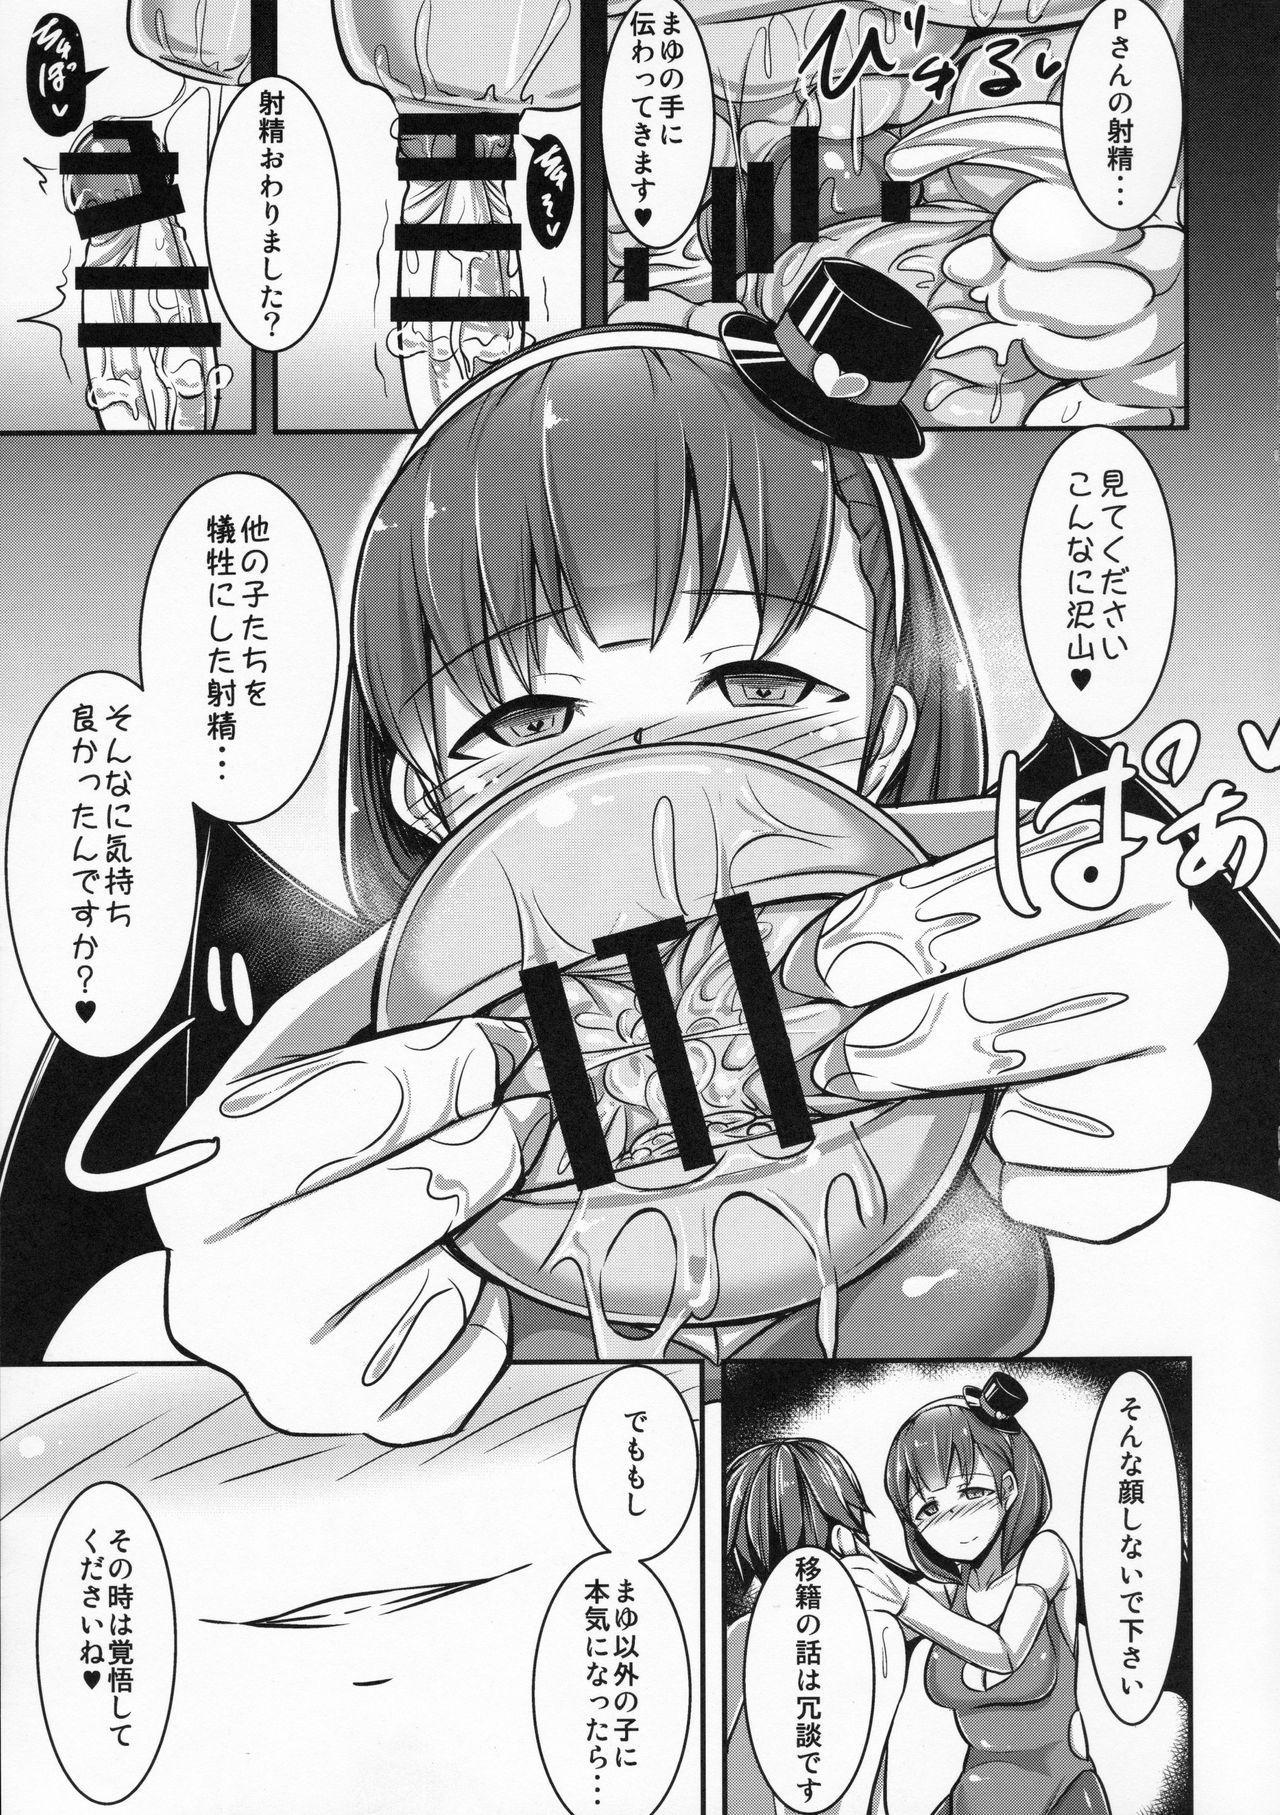 Mayu ni Ona Goods de Shiborareru Hon 15